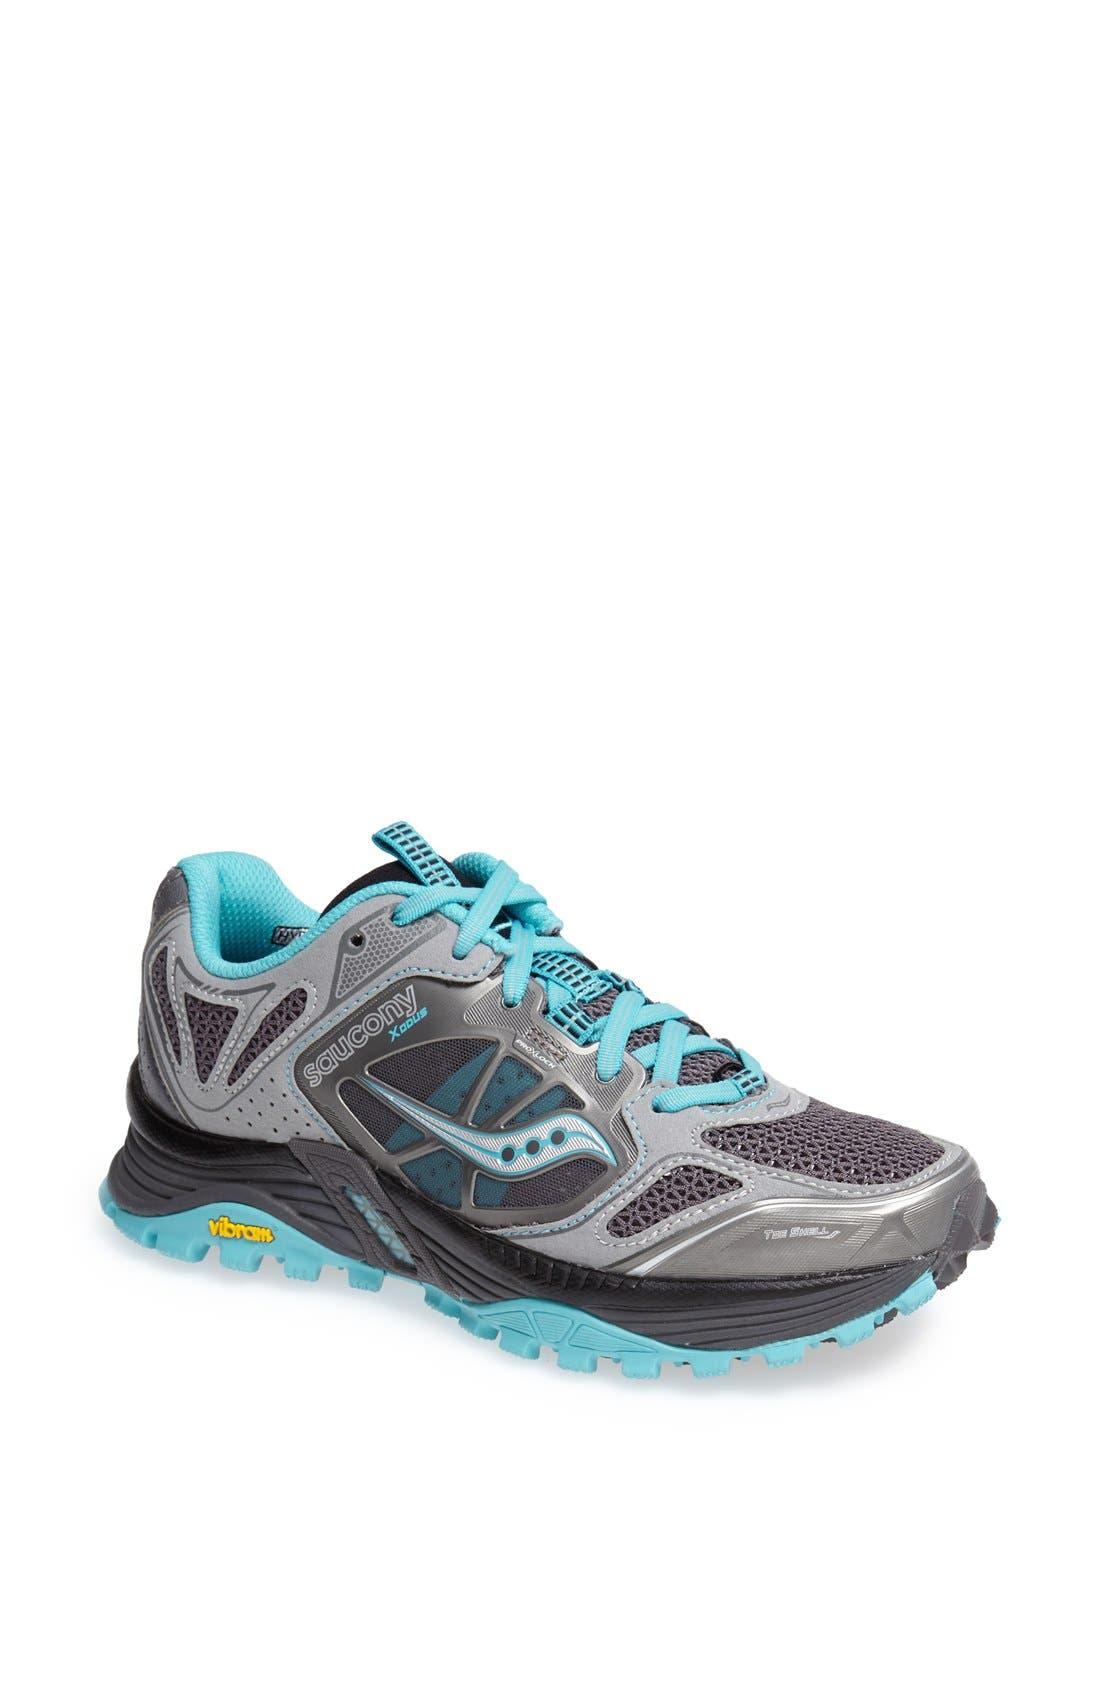 Main Image - Saucony 'Xodus 4.0' Trail Running Shoe (Women)